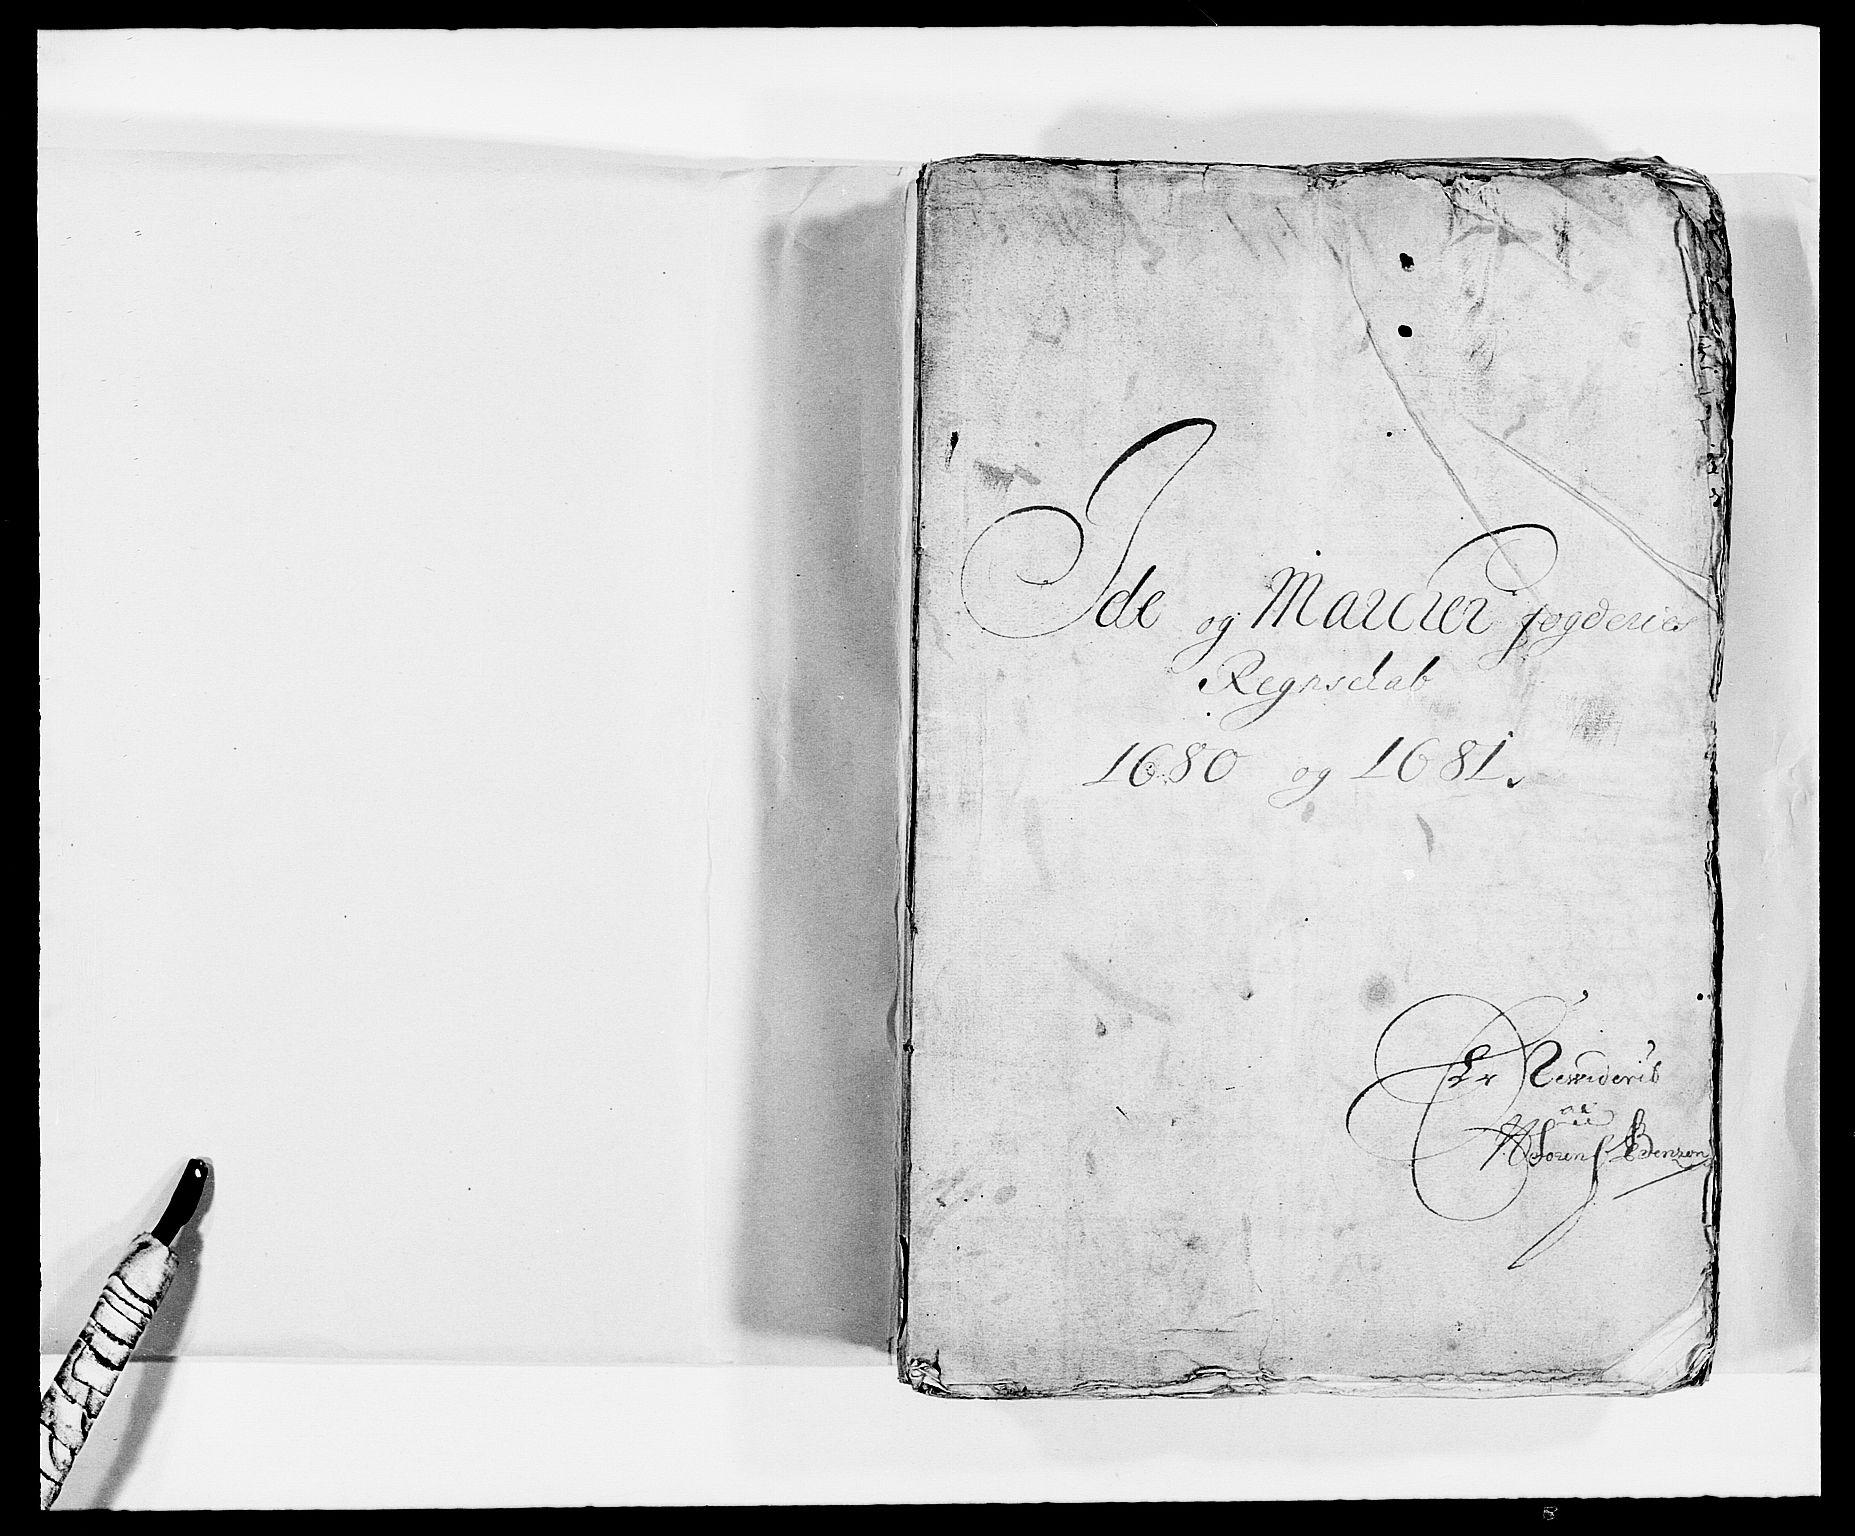 RA, Rentekammeret inntil 1814, Reviderte regnskaper, Fogderegnskap, R01/L0002: Fogderegnskap Idd og Marker, 1680-1681, s. 1